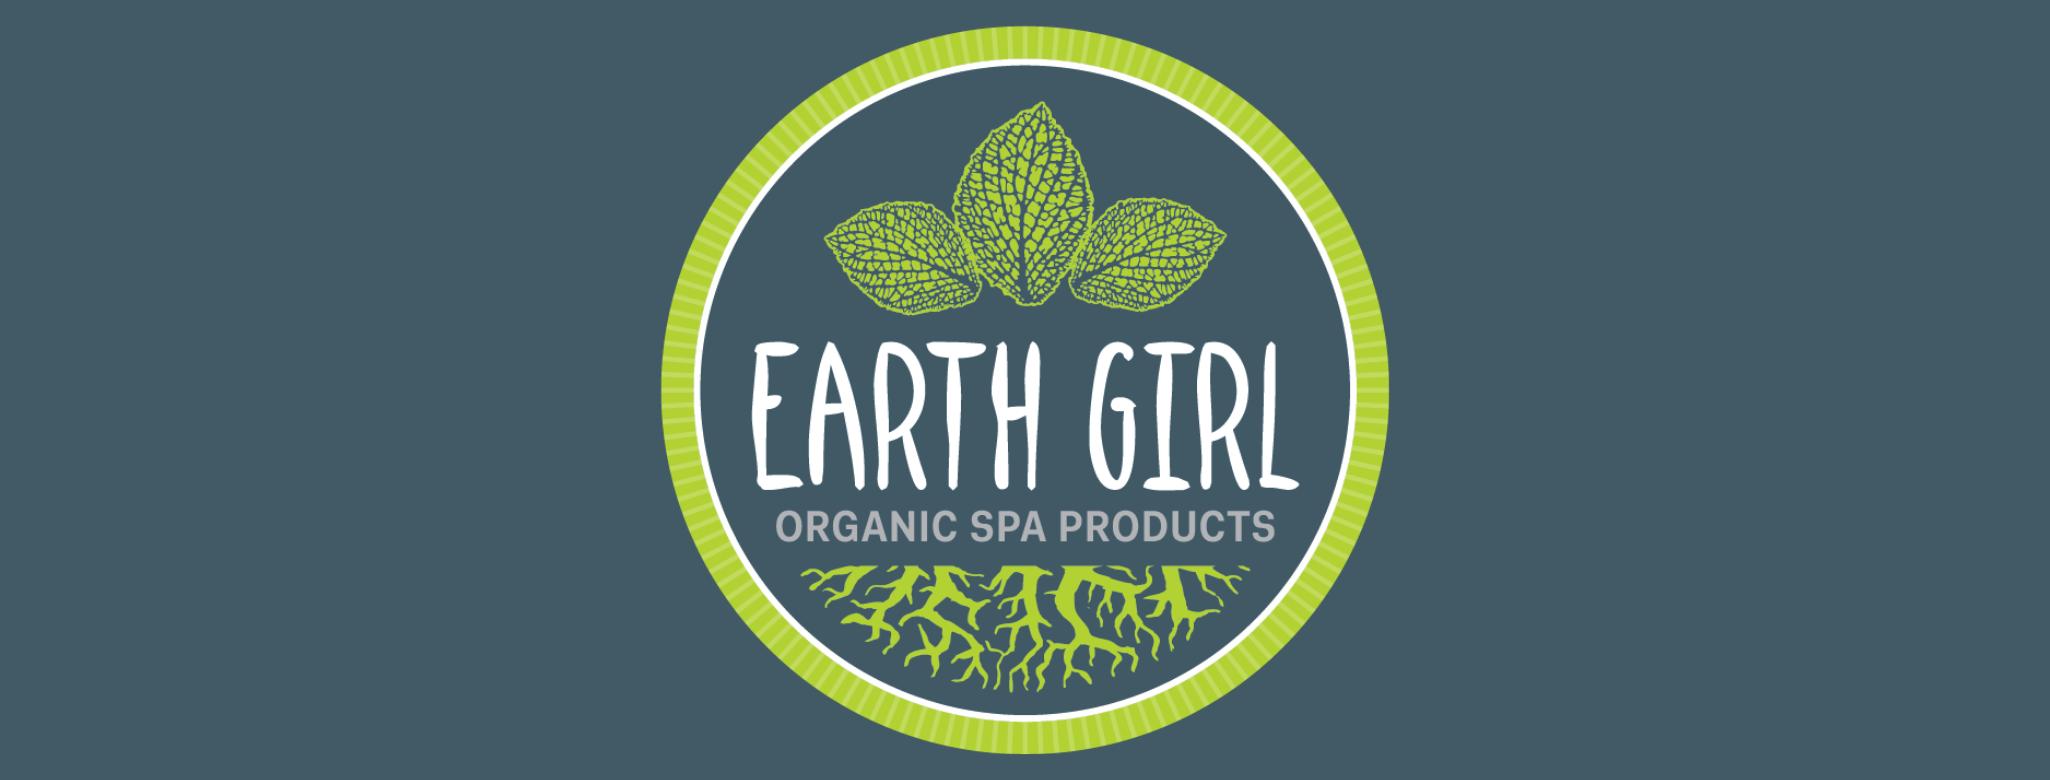 Earth Girl Blog Cover